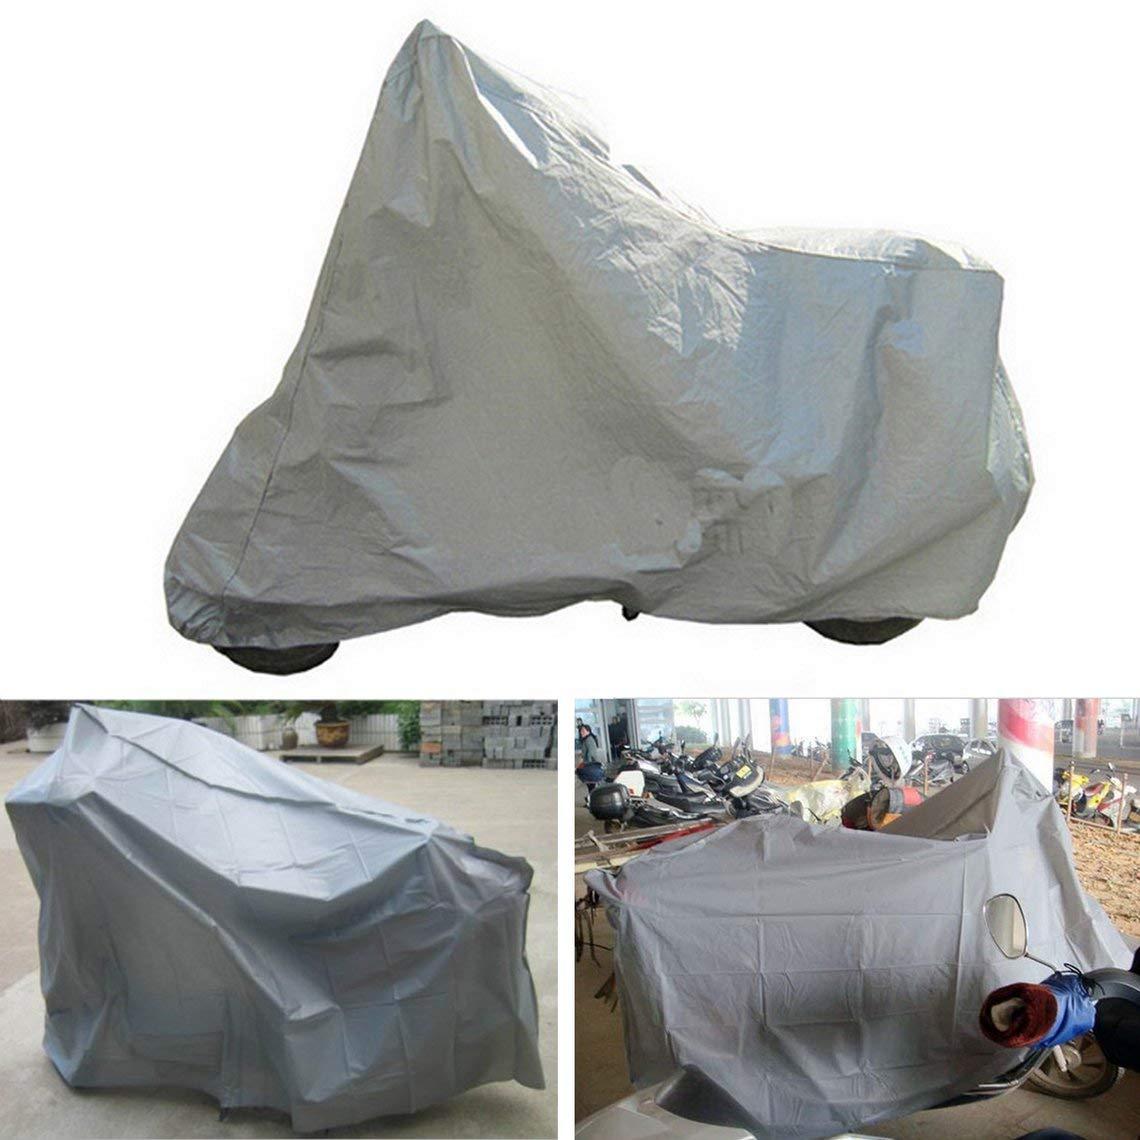 Protection compl/ète Moto Couvre Anti UV /étanche /à la poussi/ère /étanche /à la Pluie Couvrant Moto Respirant Capuche Tente int/érieure en Plein air